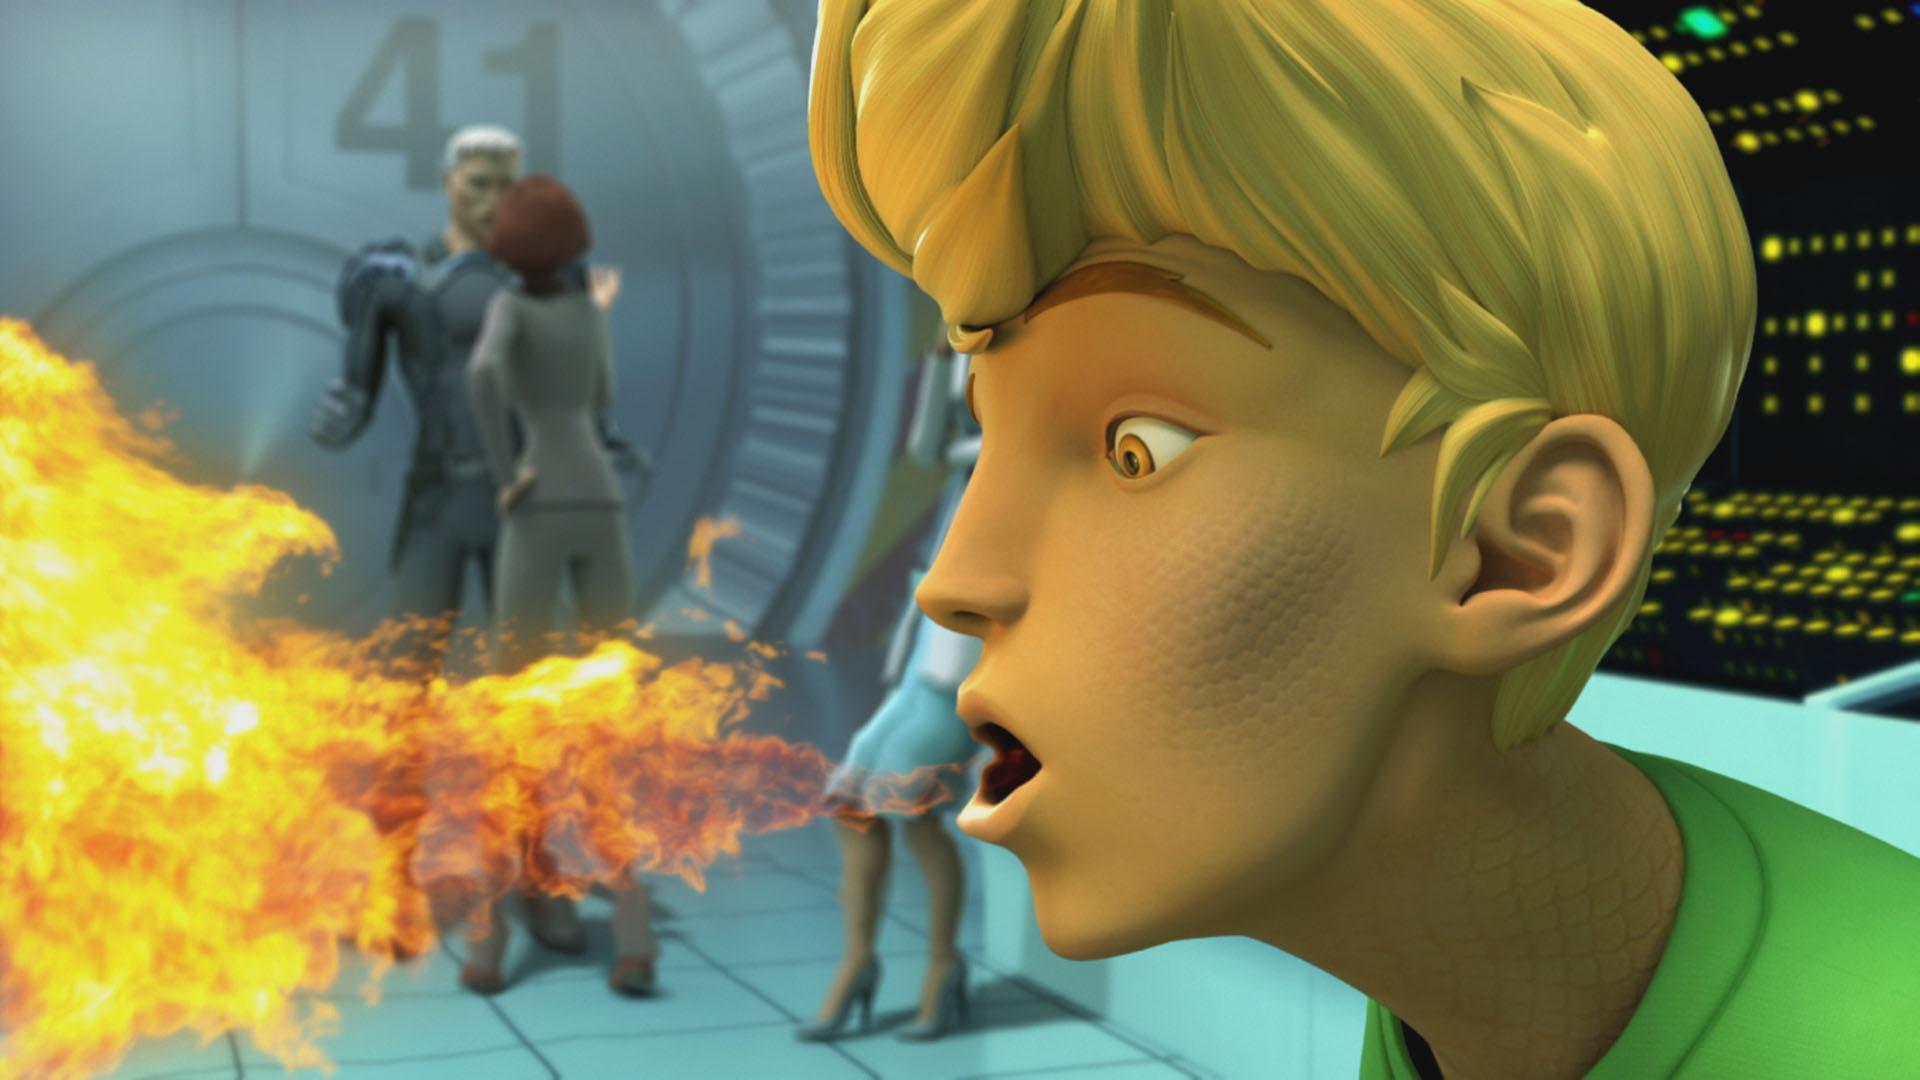 'Огнедышащий' - анимационный фильм на Cartoon Network